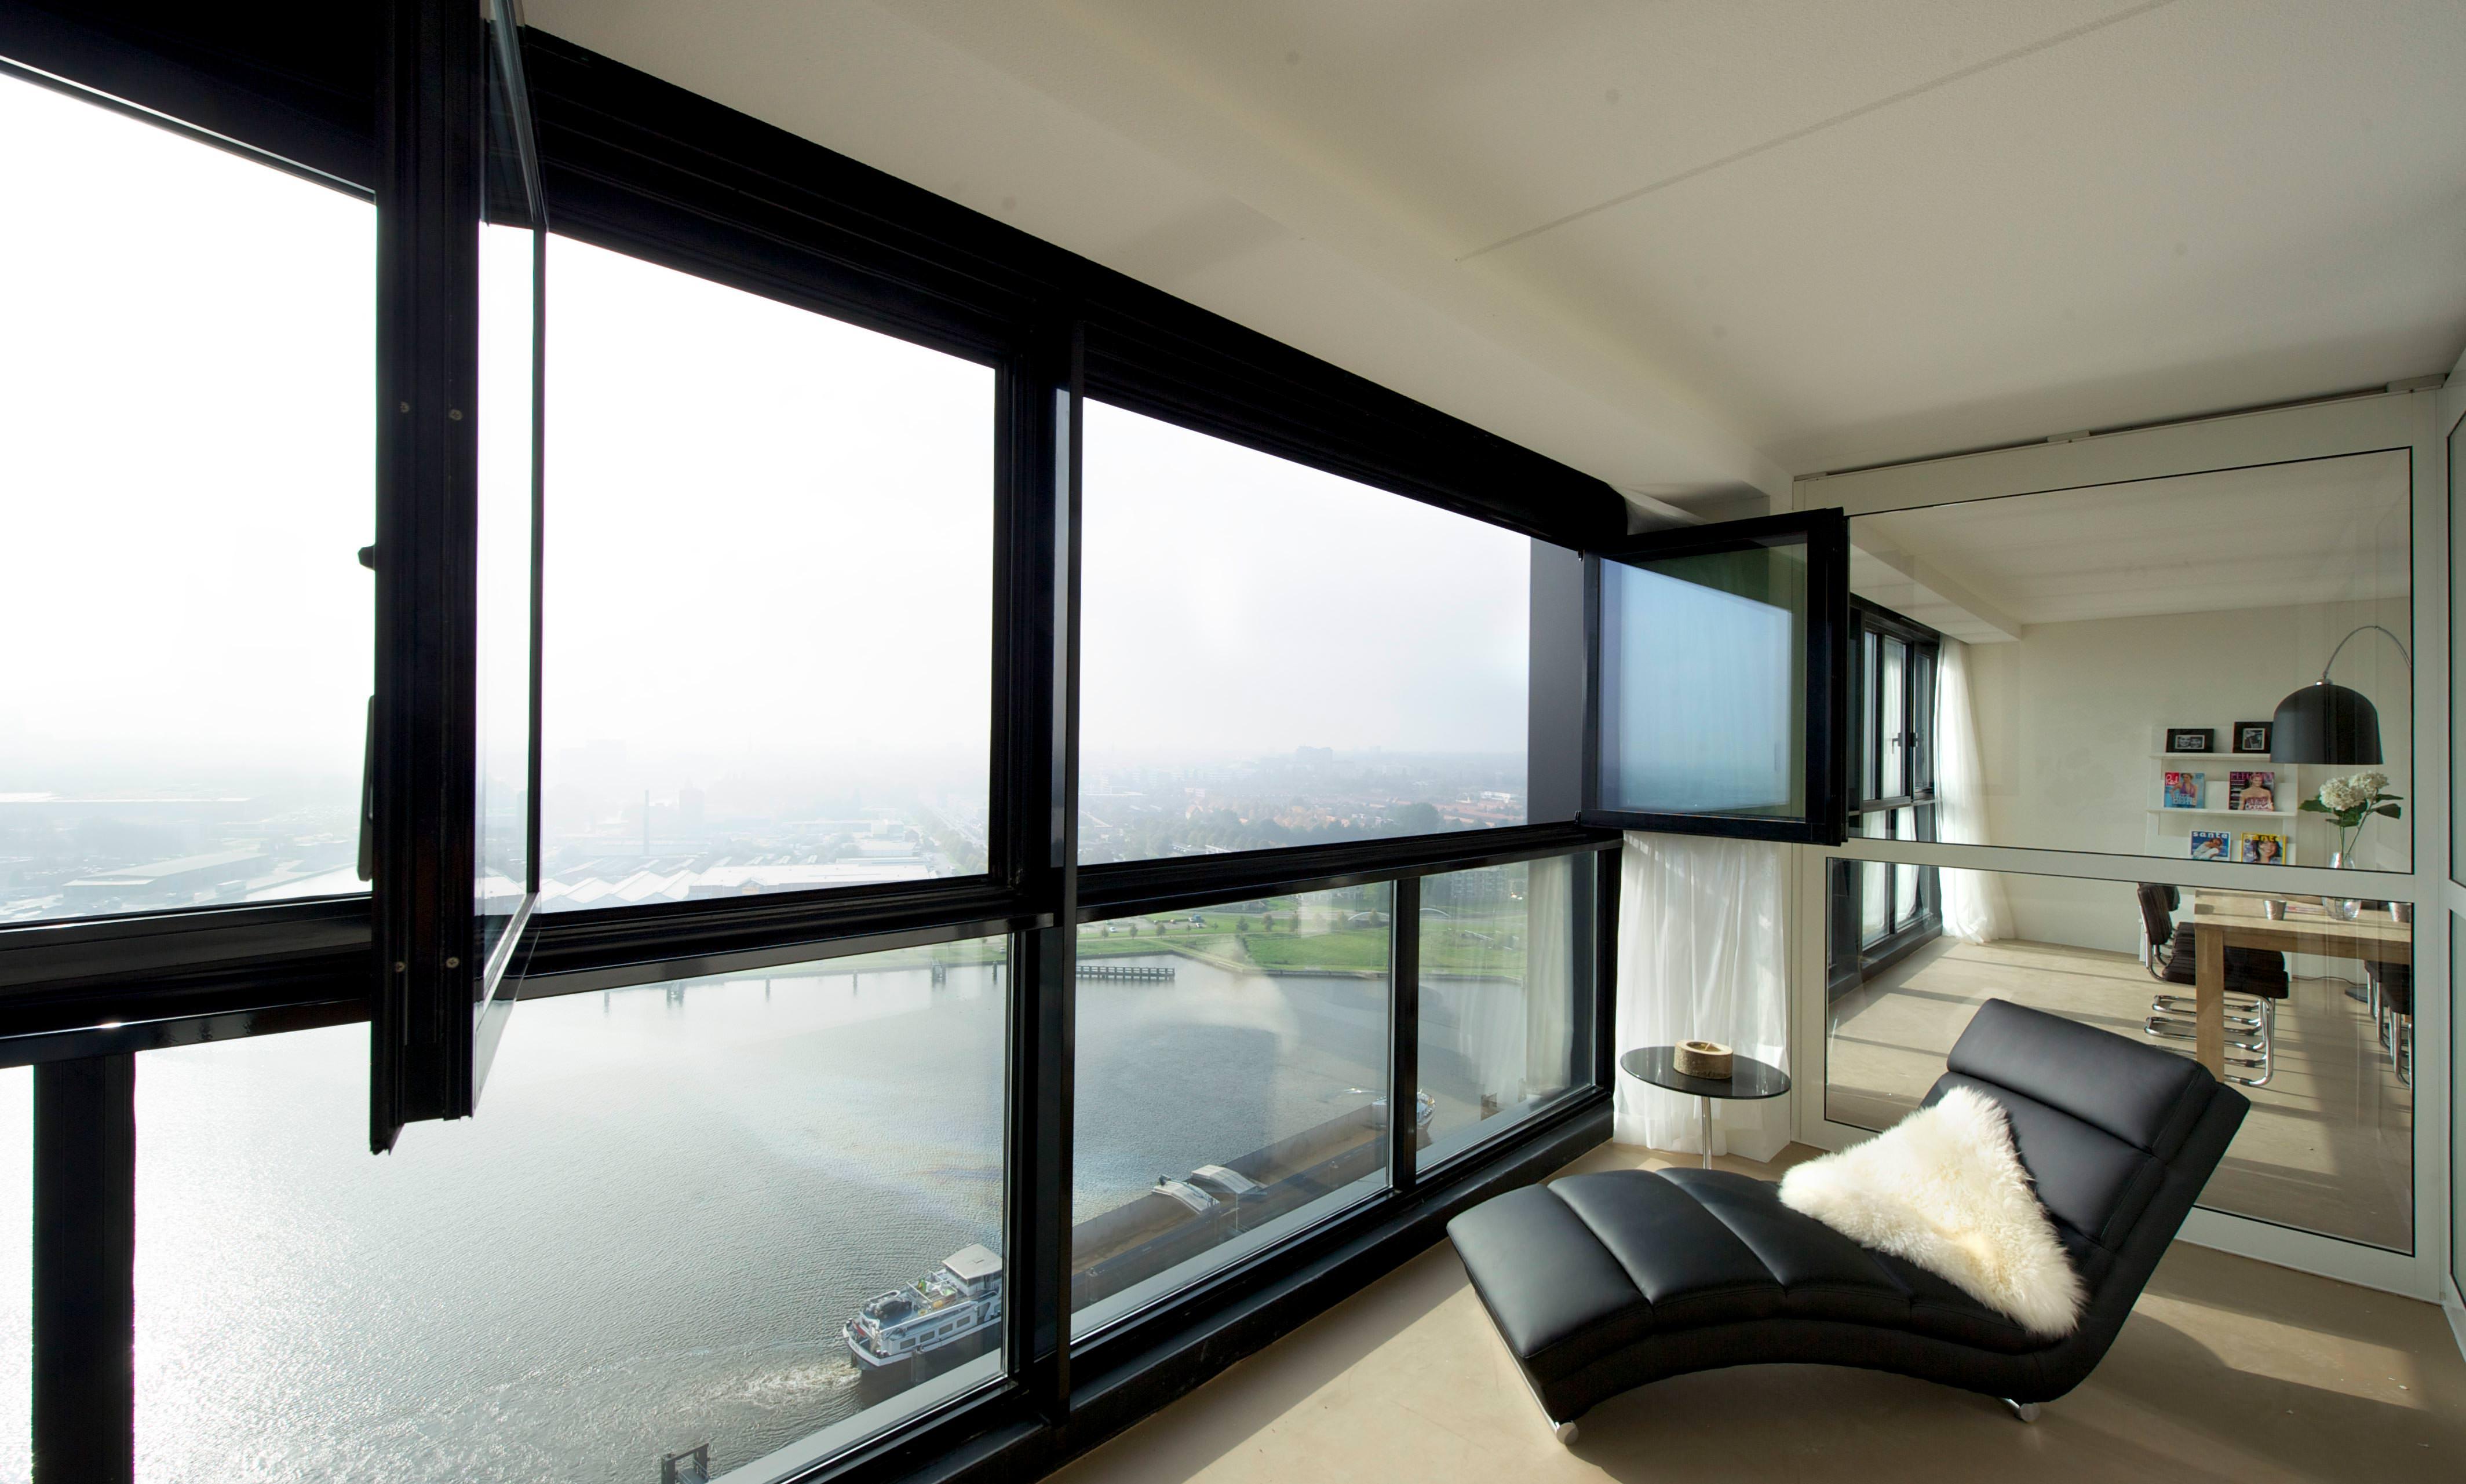 Beliebt Bevorzugt Glas-Faltwand als Balkonverglasung zur Wohnraumerweiterung @UZ_58